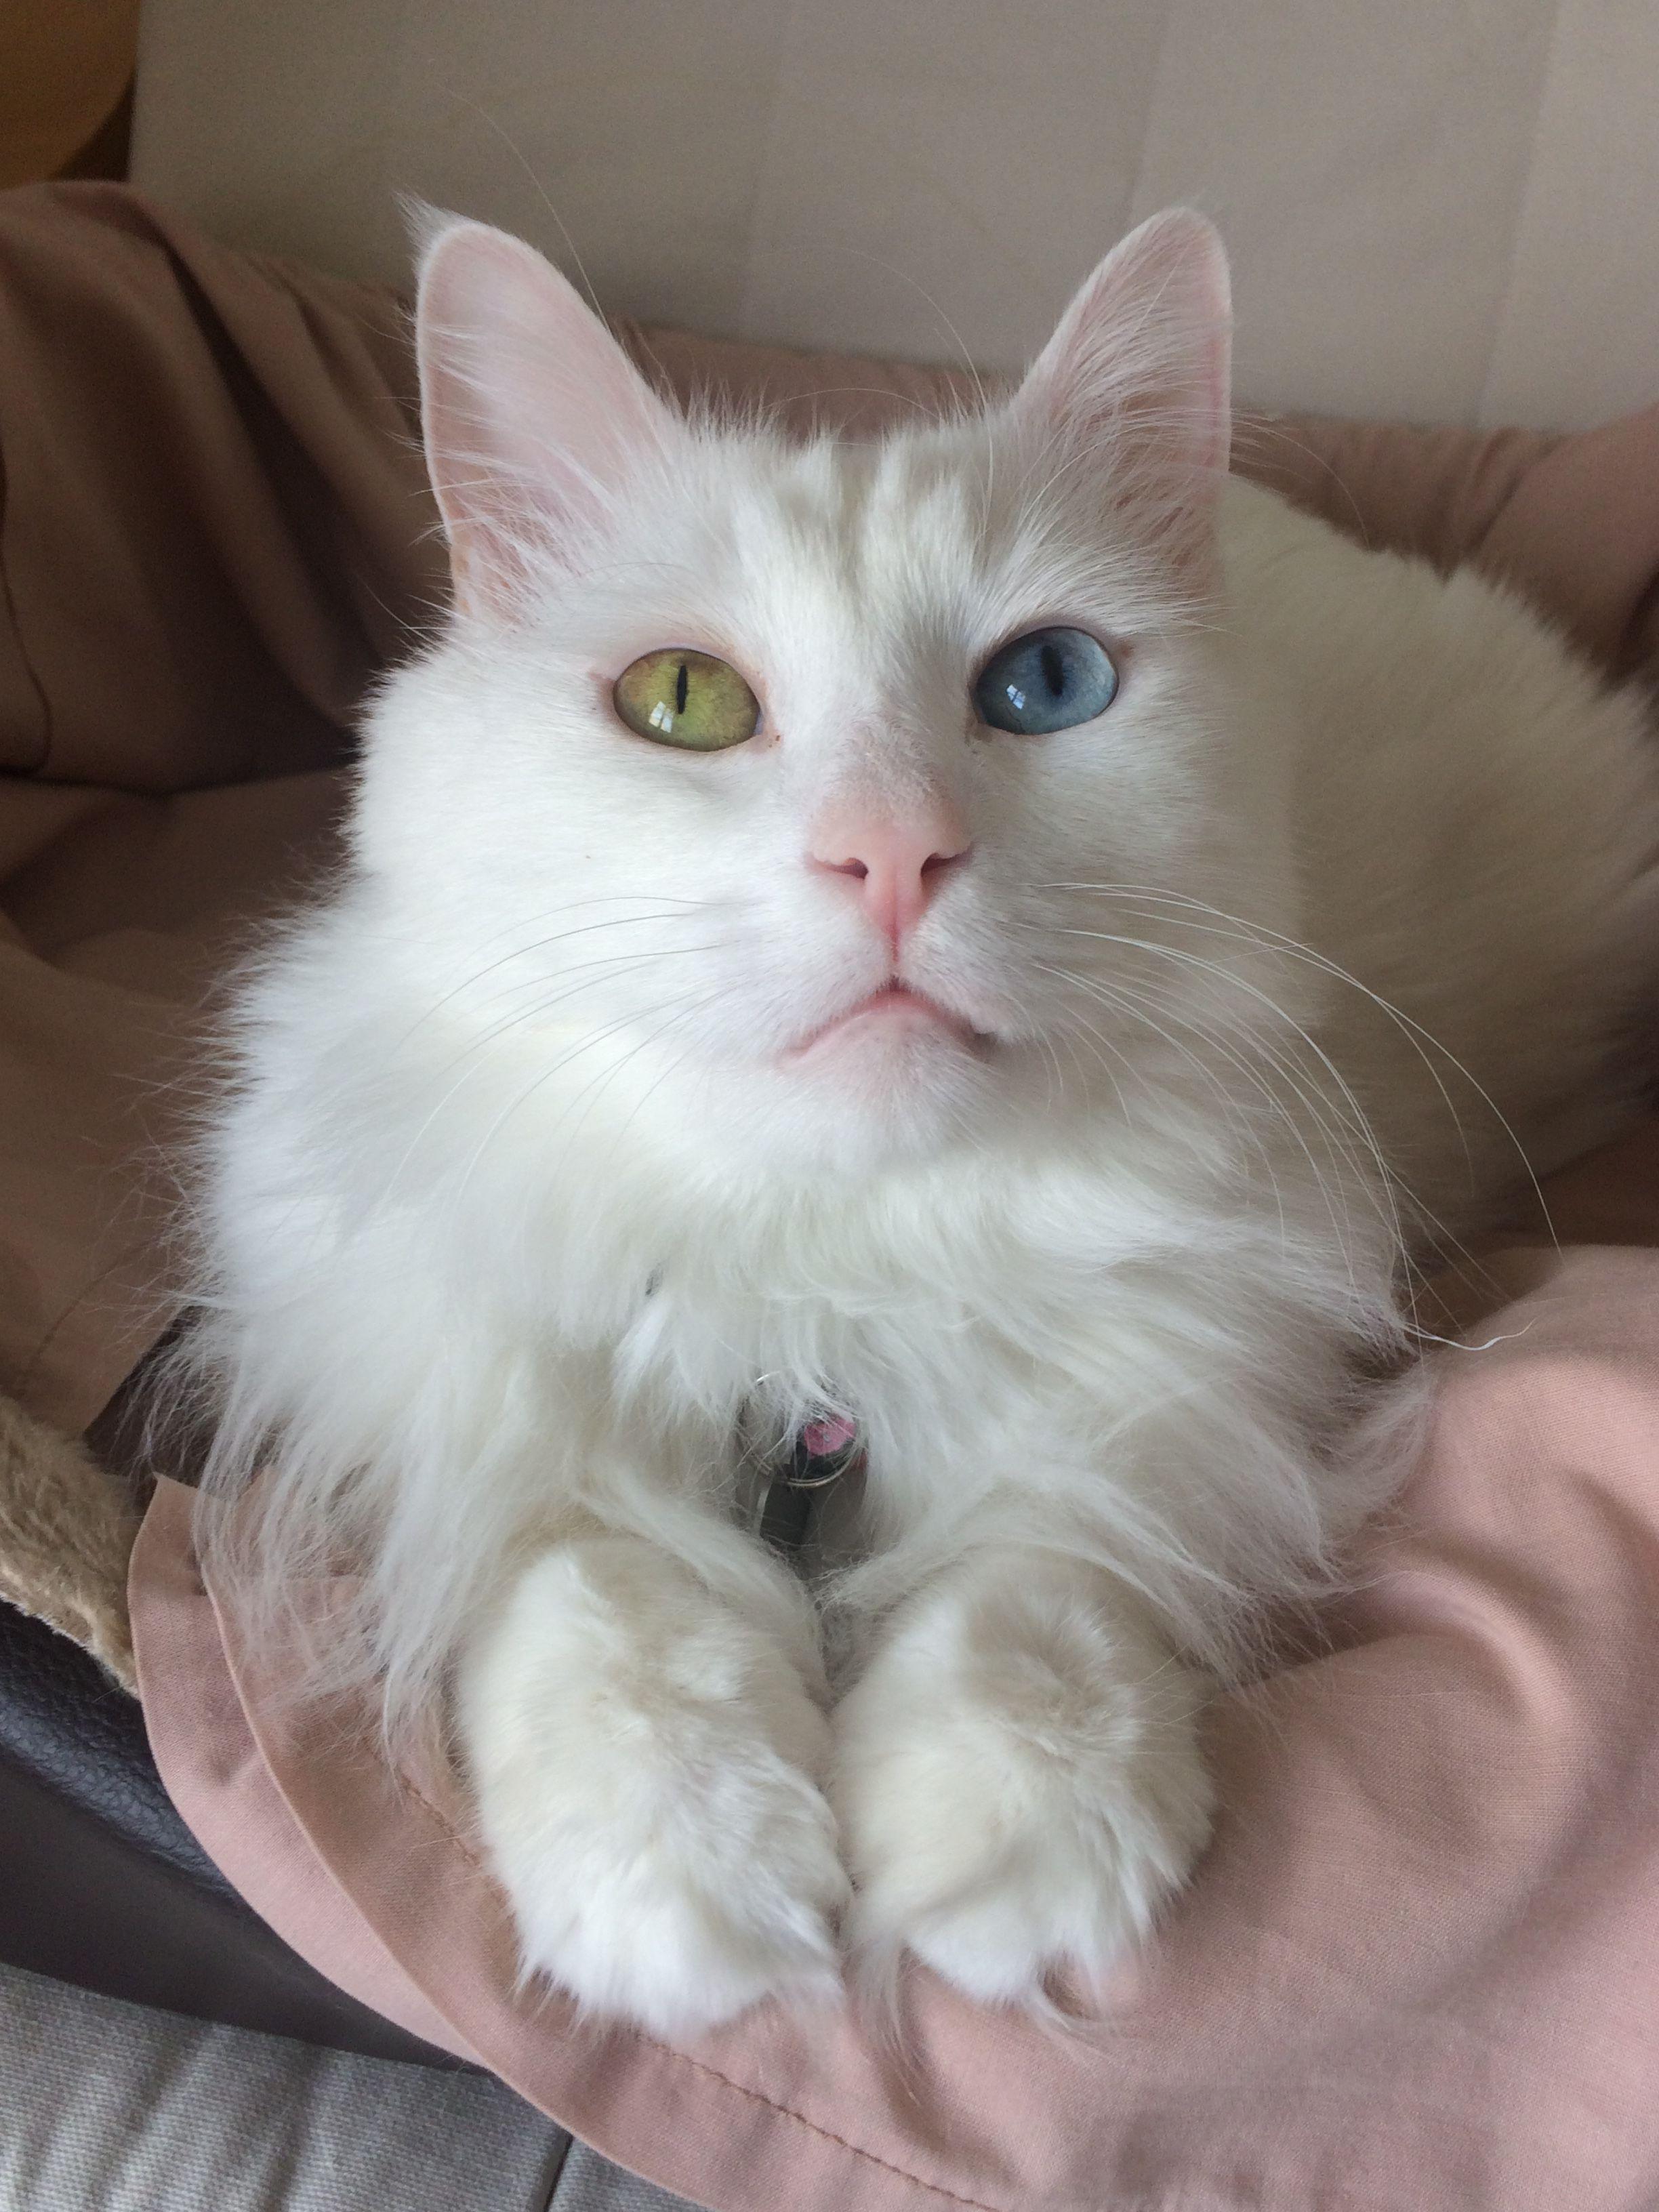 OTUZ DÖRT adlı kullanıcının World of Cats panosundaki Pin